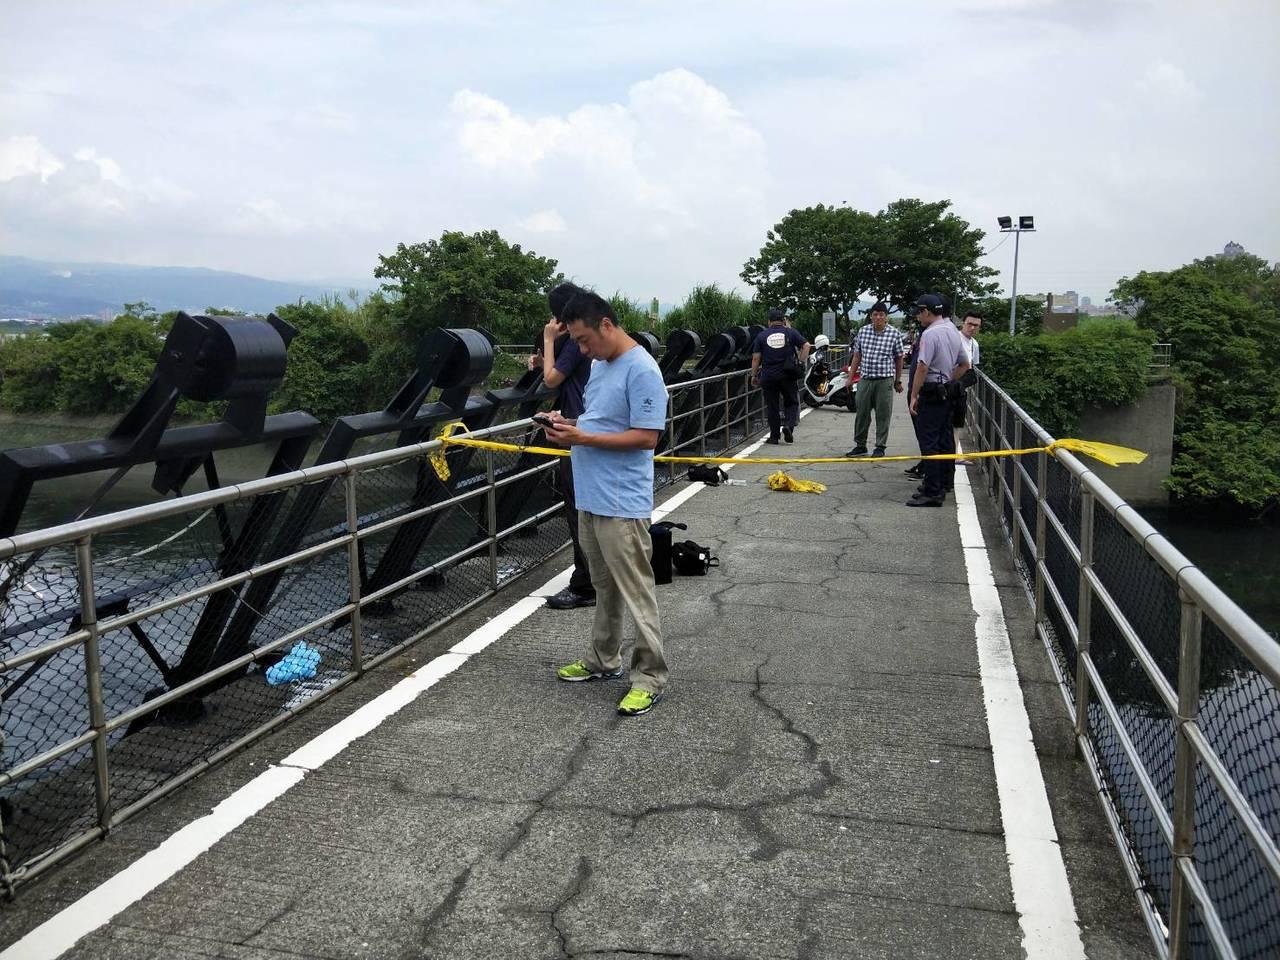 警消封鎖現場進行調查。記者袁志豪/翻攝